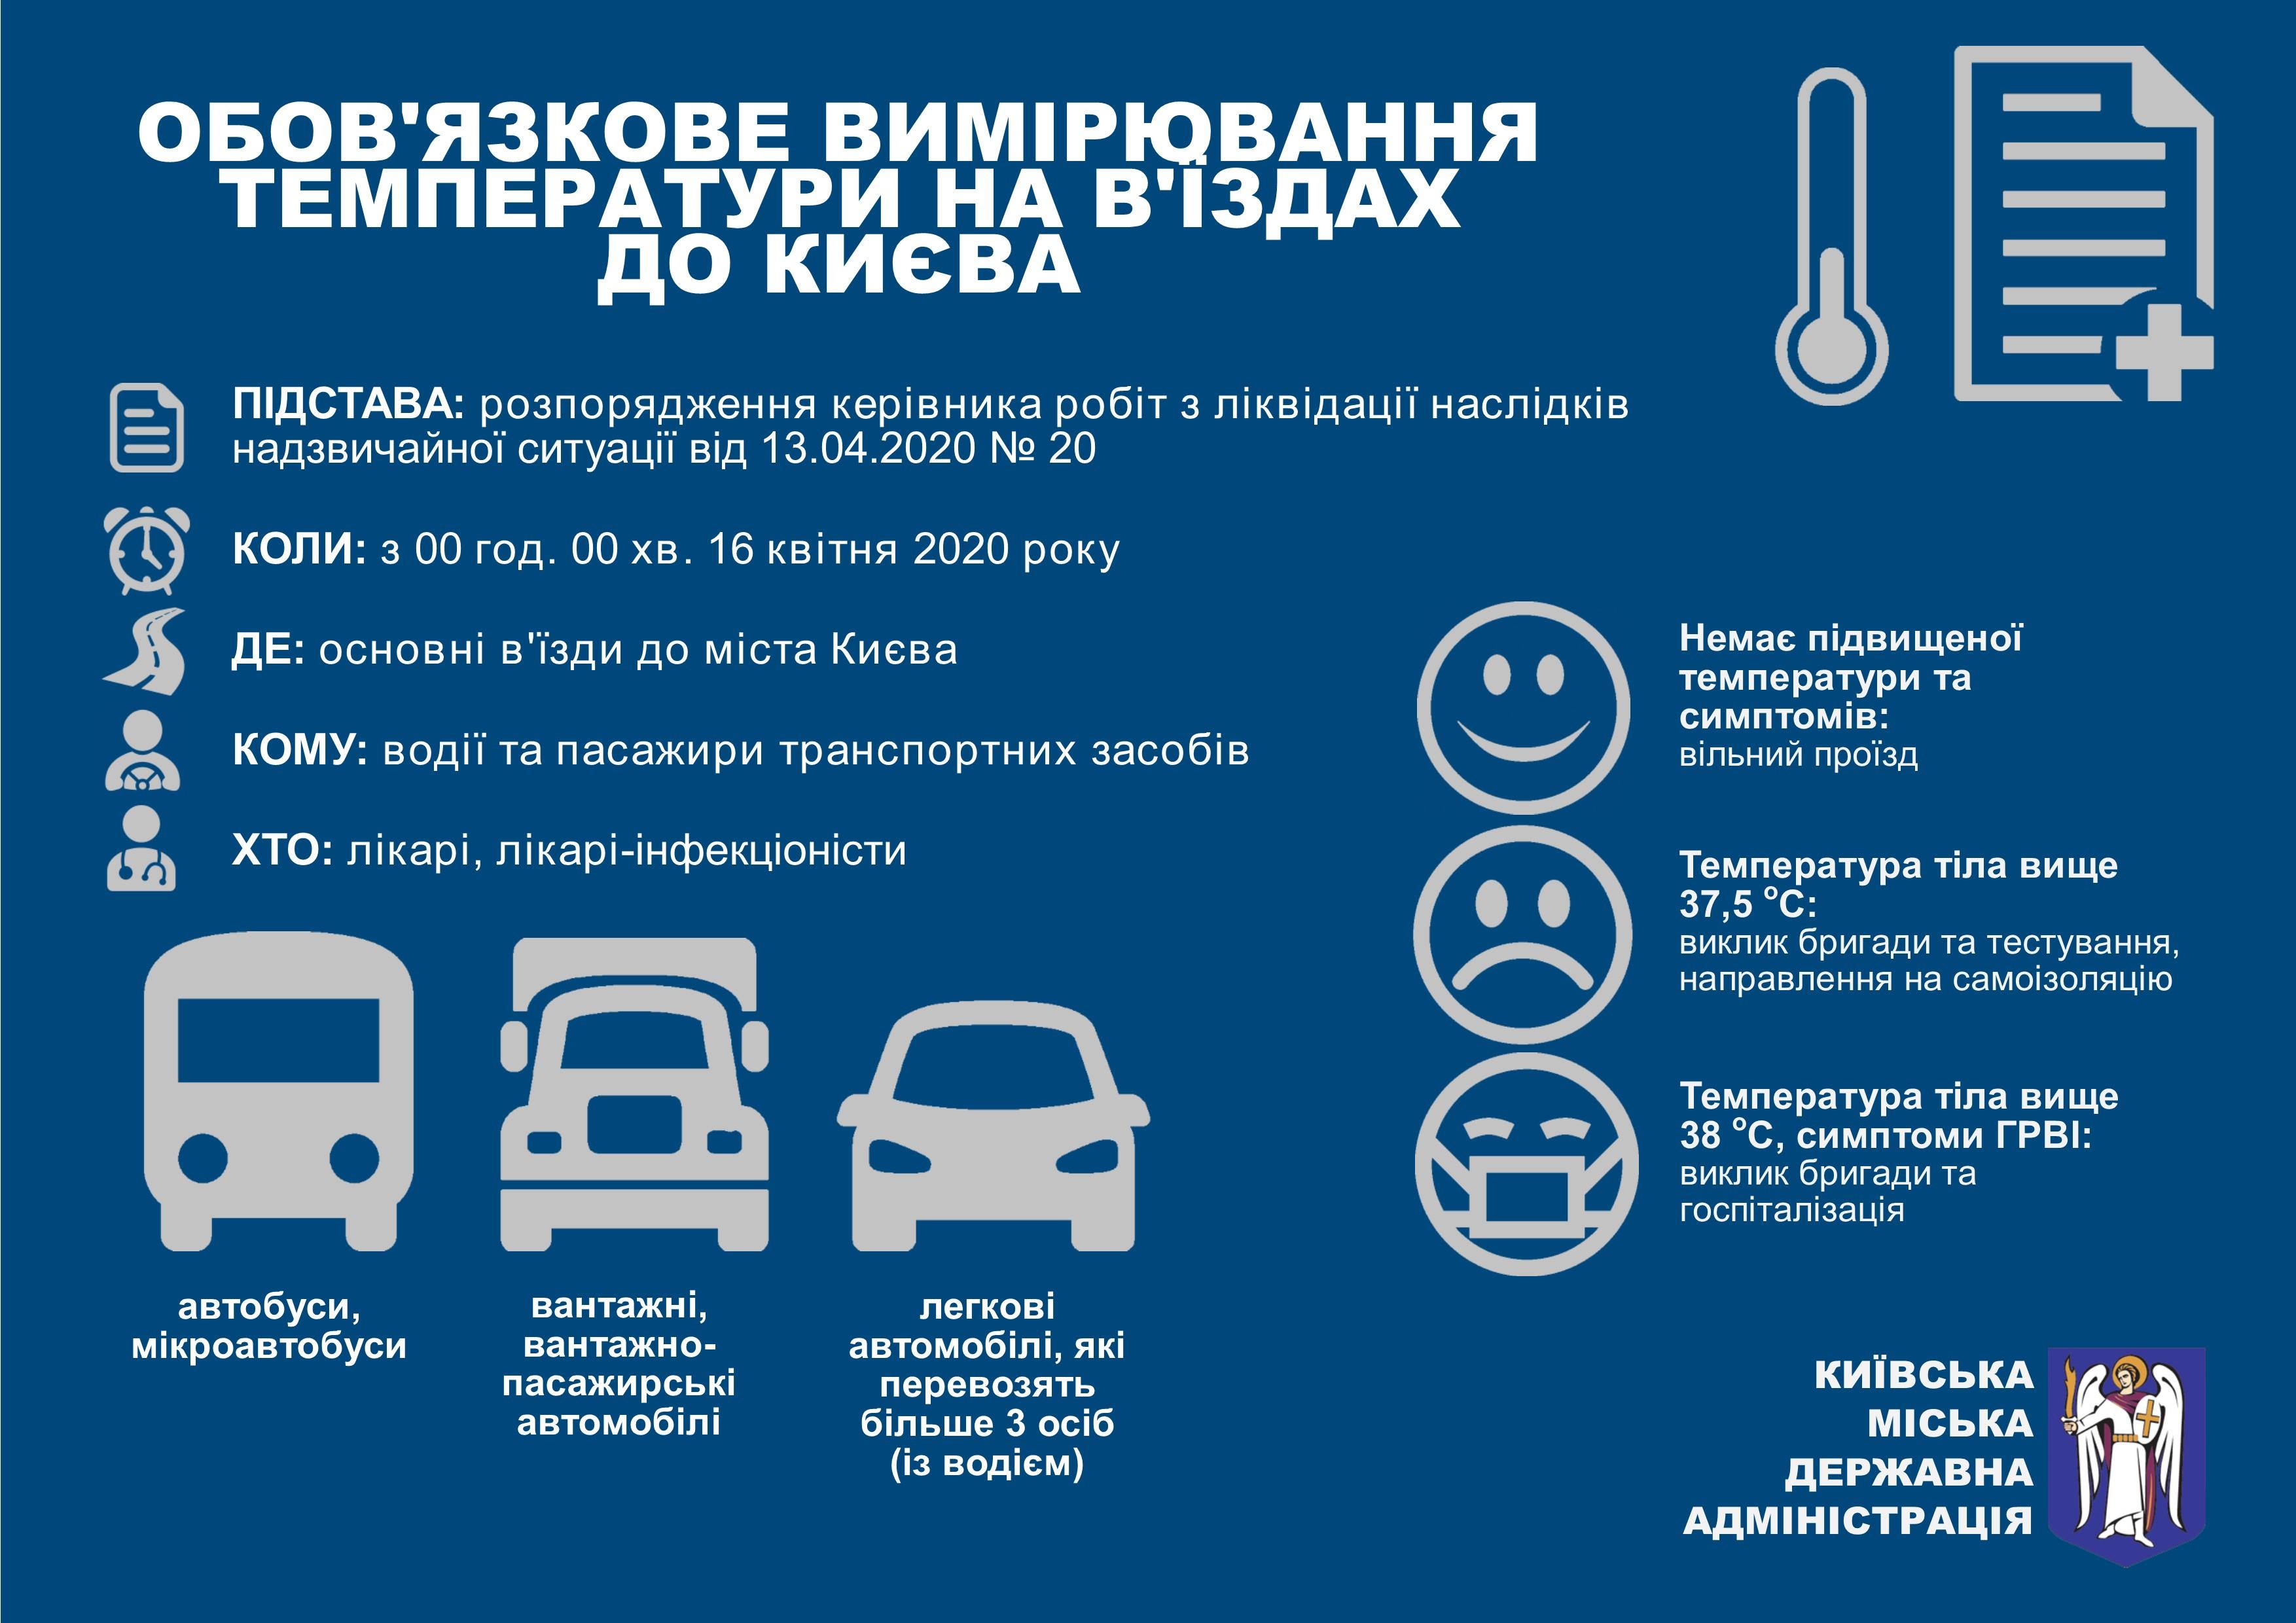 В мэрии Киева пояснили усиление проверок с 16 апреля: Инфографика